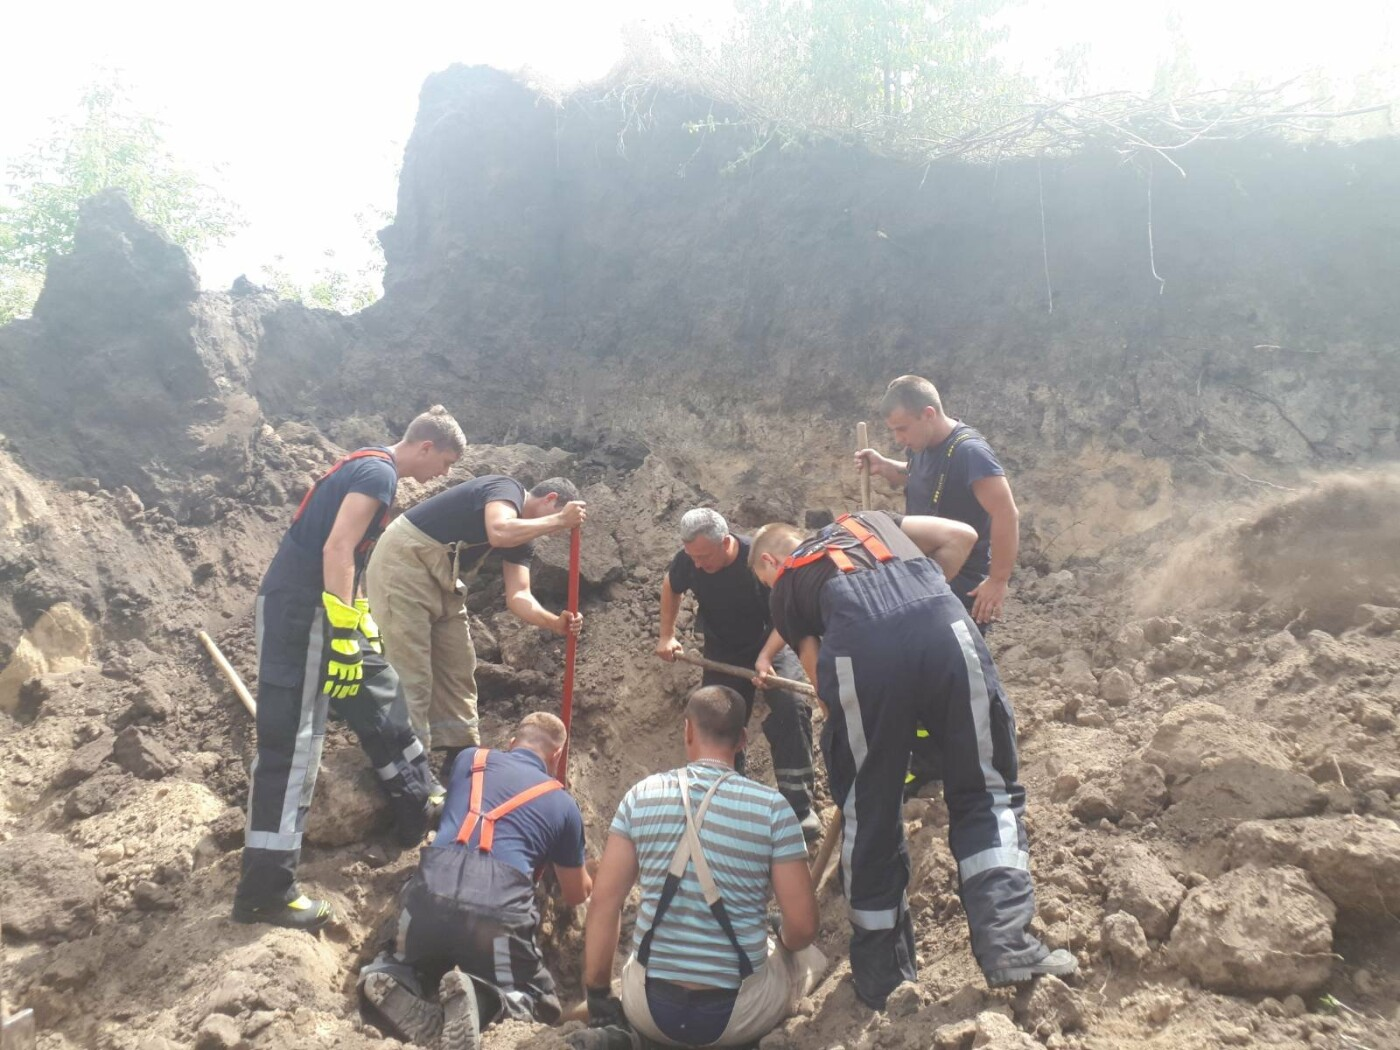 В Киевской области произошел обвал грунта: есть погибший, - ФОТО, фото-1, Фото: ГСЧС в Киевской области